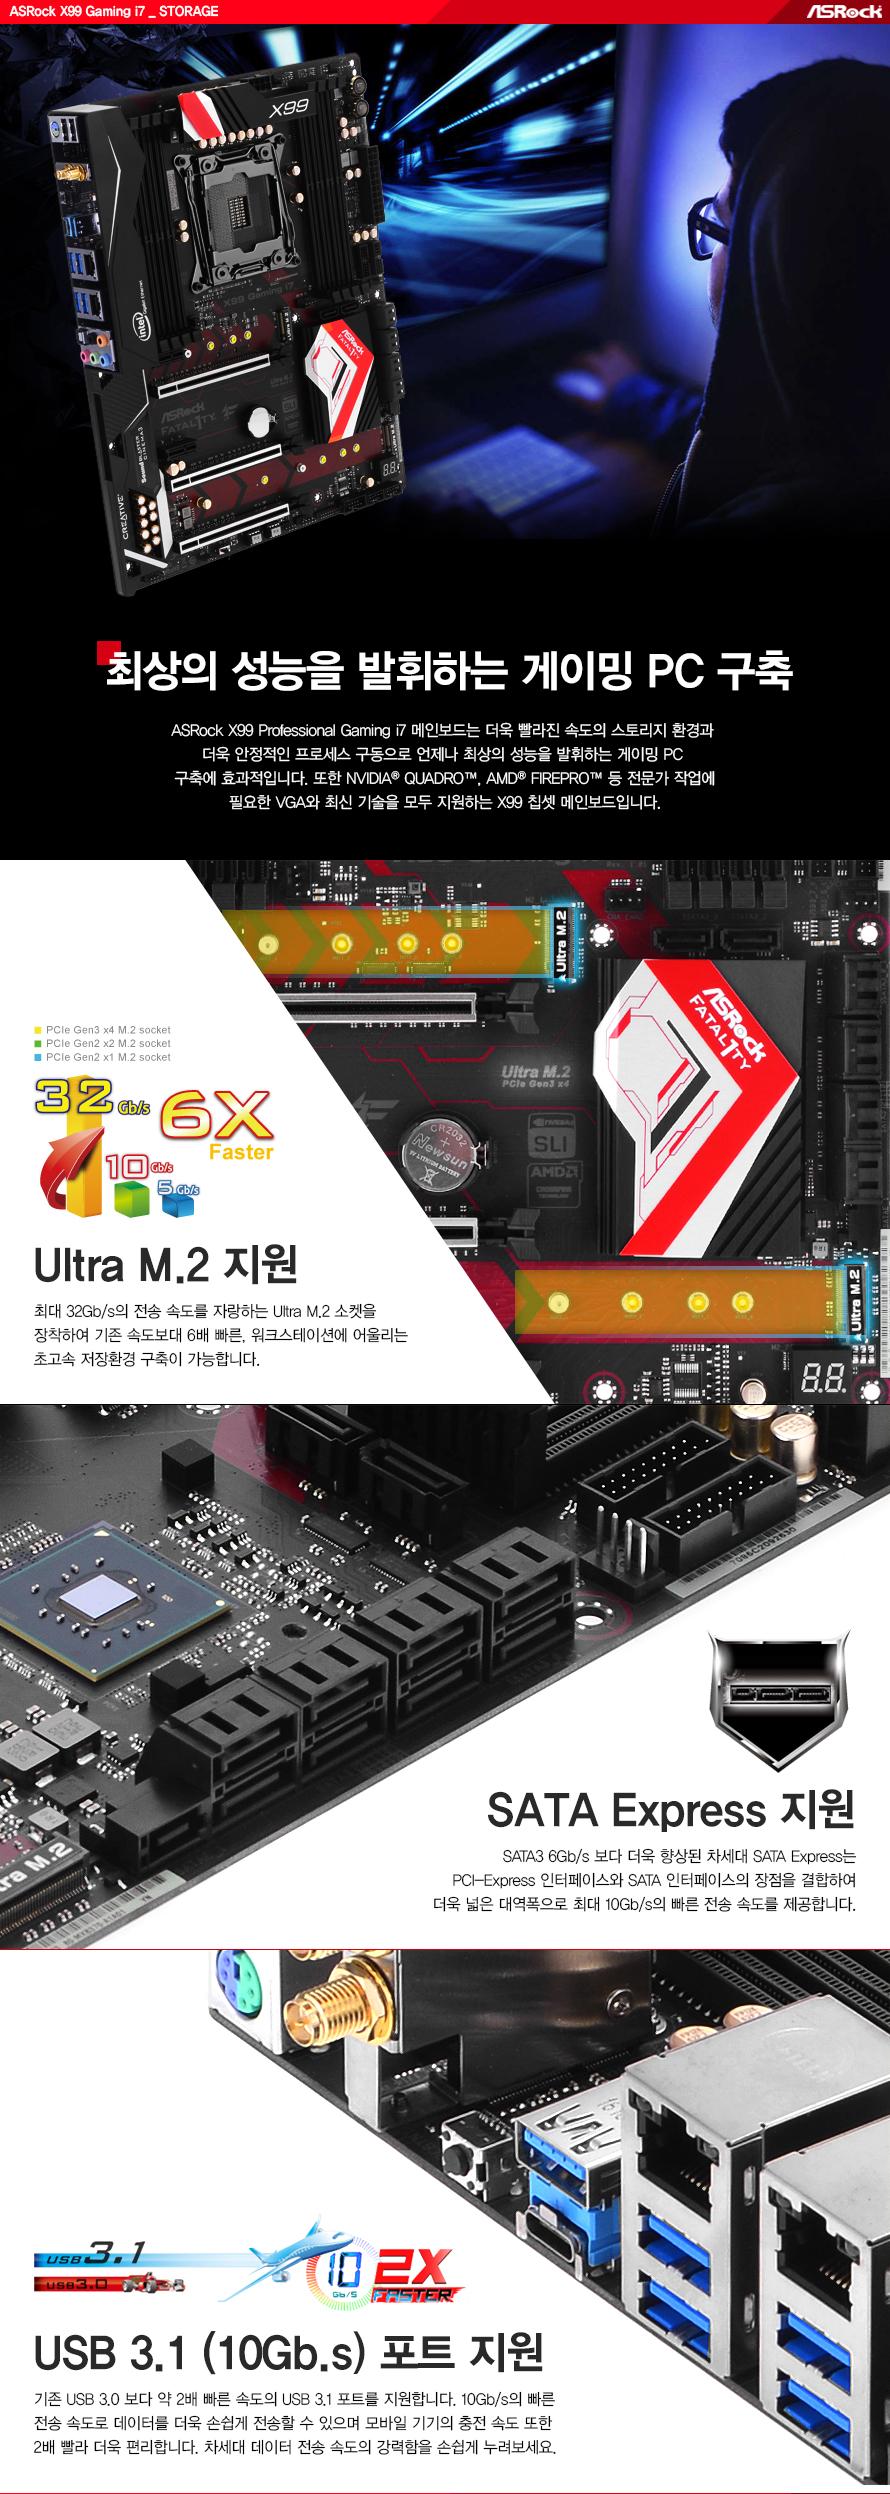 게이밍PC구축, Ultra M.2, SATA Express, USB 3.1